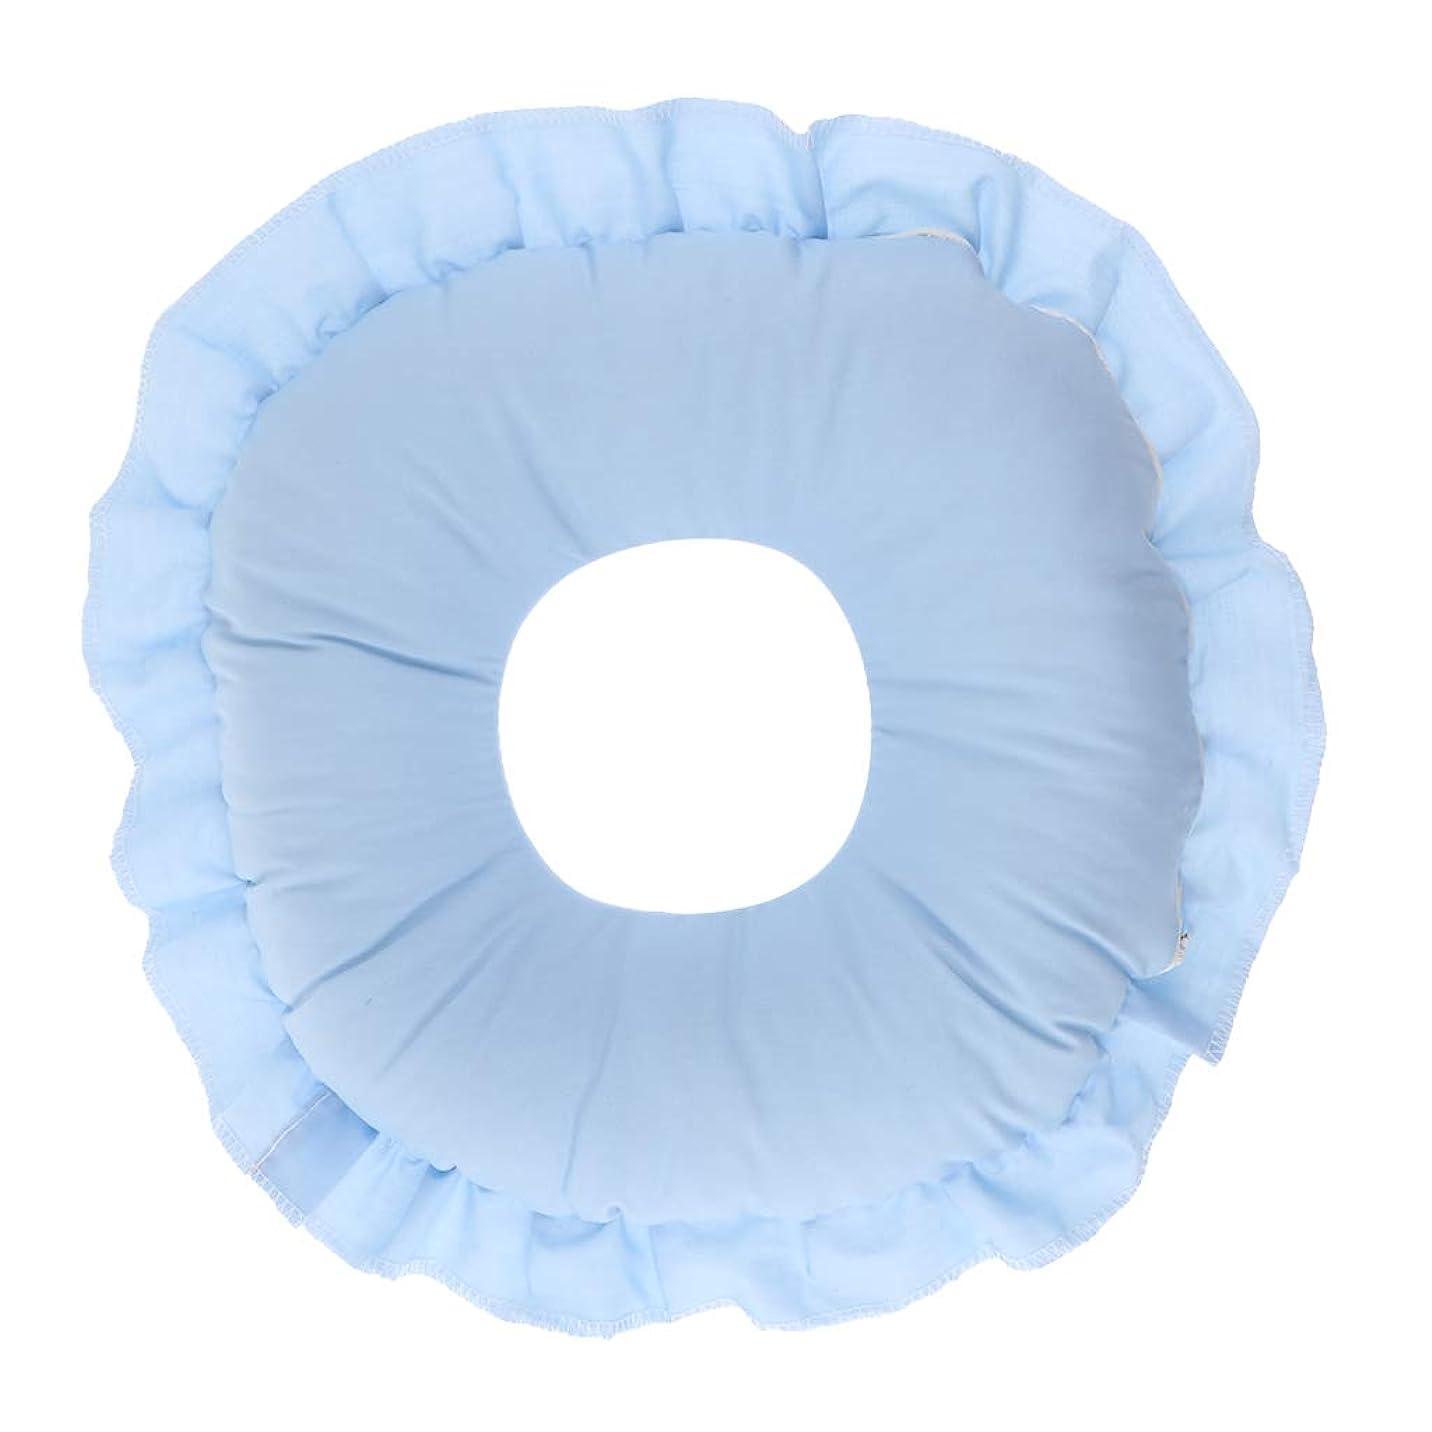 講義クリックマウントバンクD DOLITY フェイスピロー 顔枕 マッサージ枕 フェイスクッション ソフト 洗えるカバー 全3色 - 青